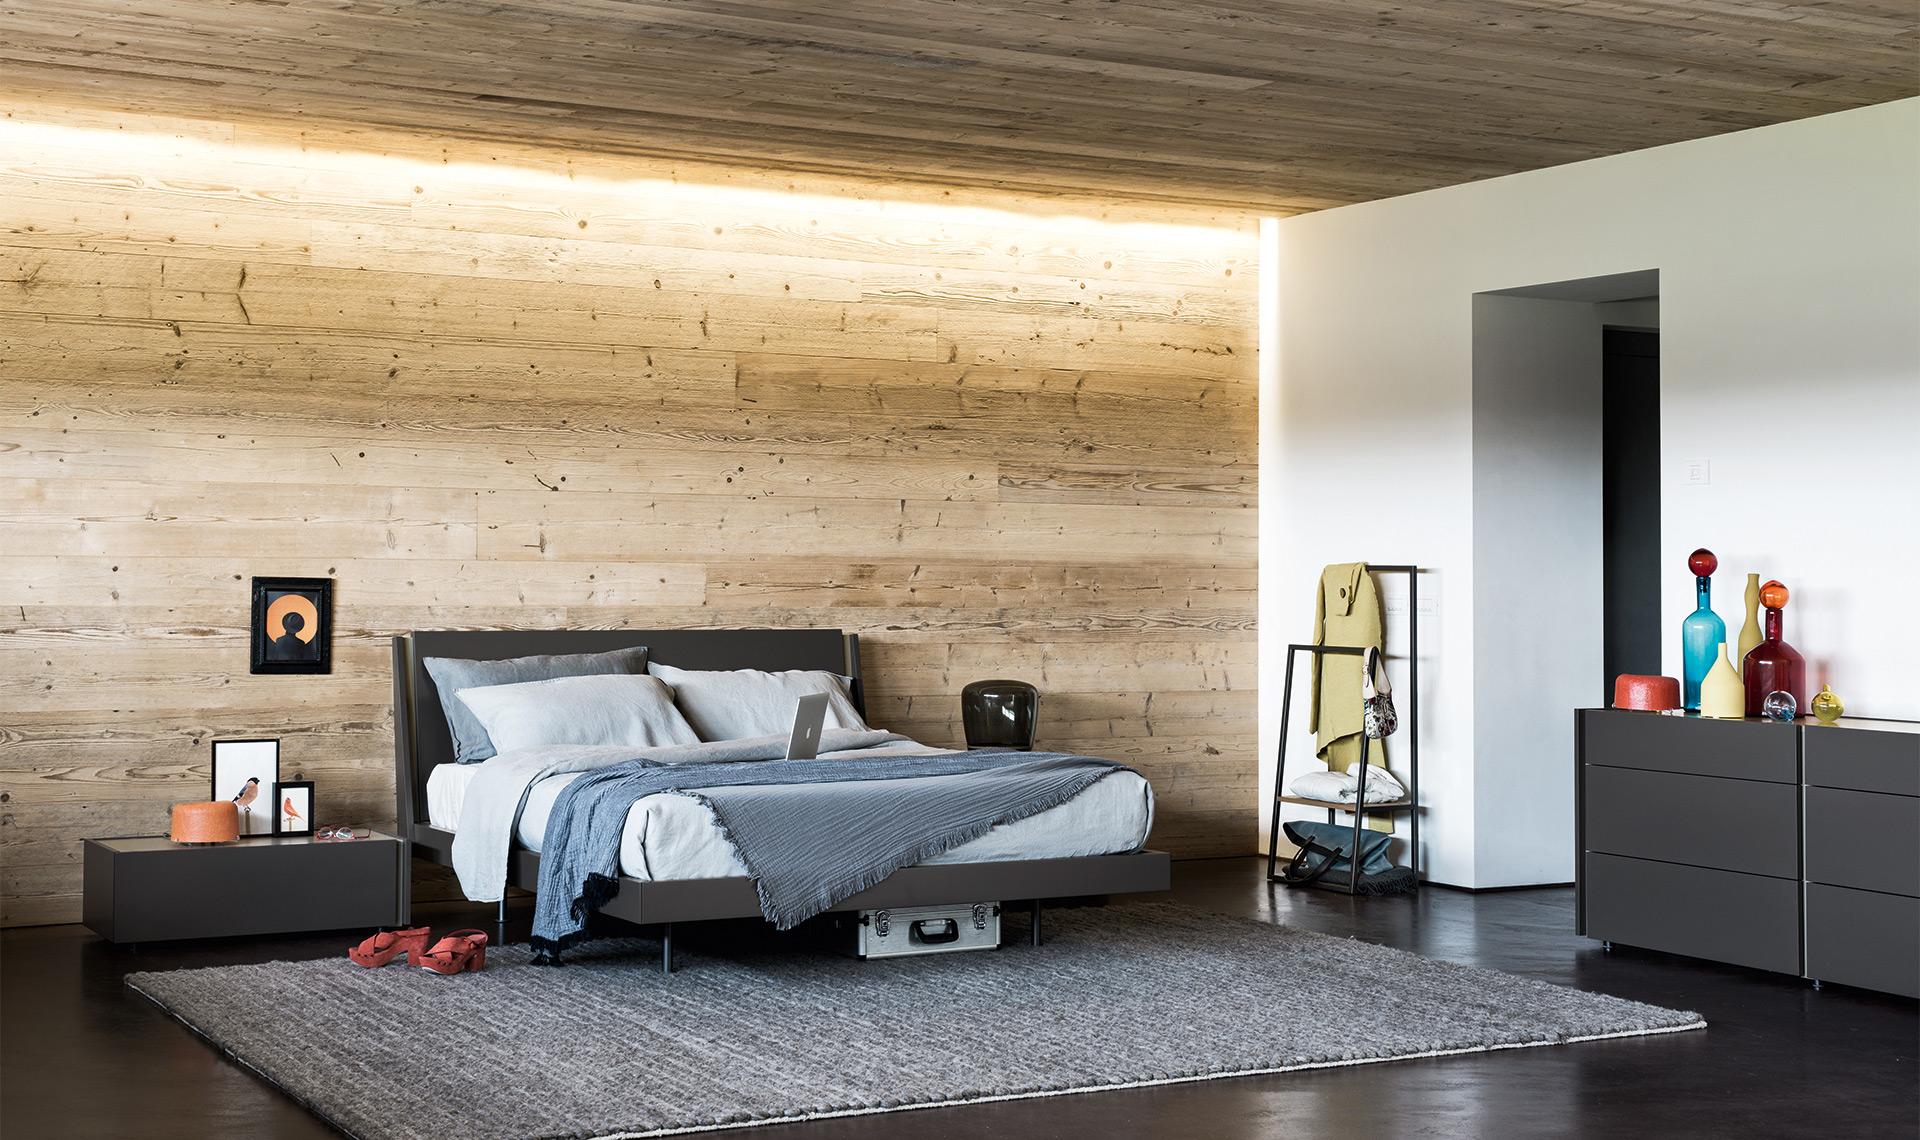 Alf Group Camere Da Letto.Contenitori Notte Da Do System Design Moderno Alf Dafre